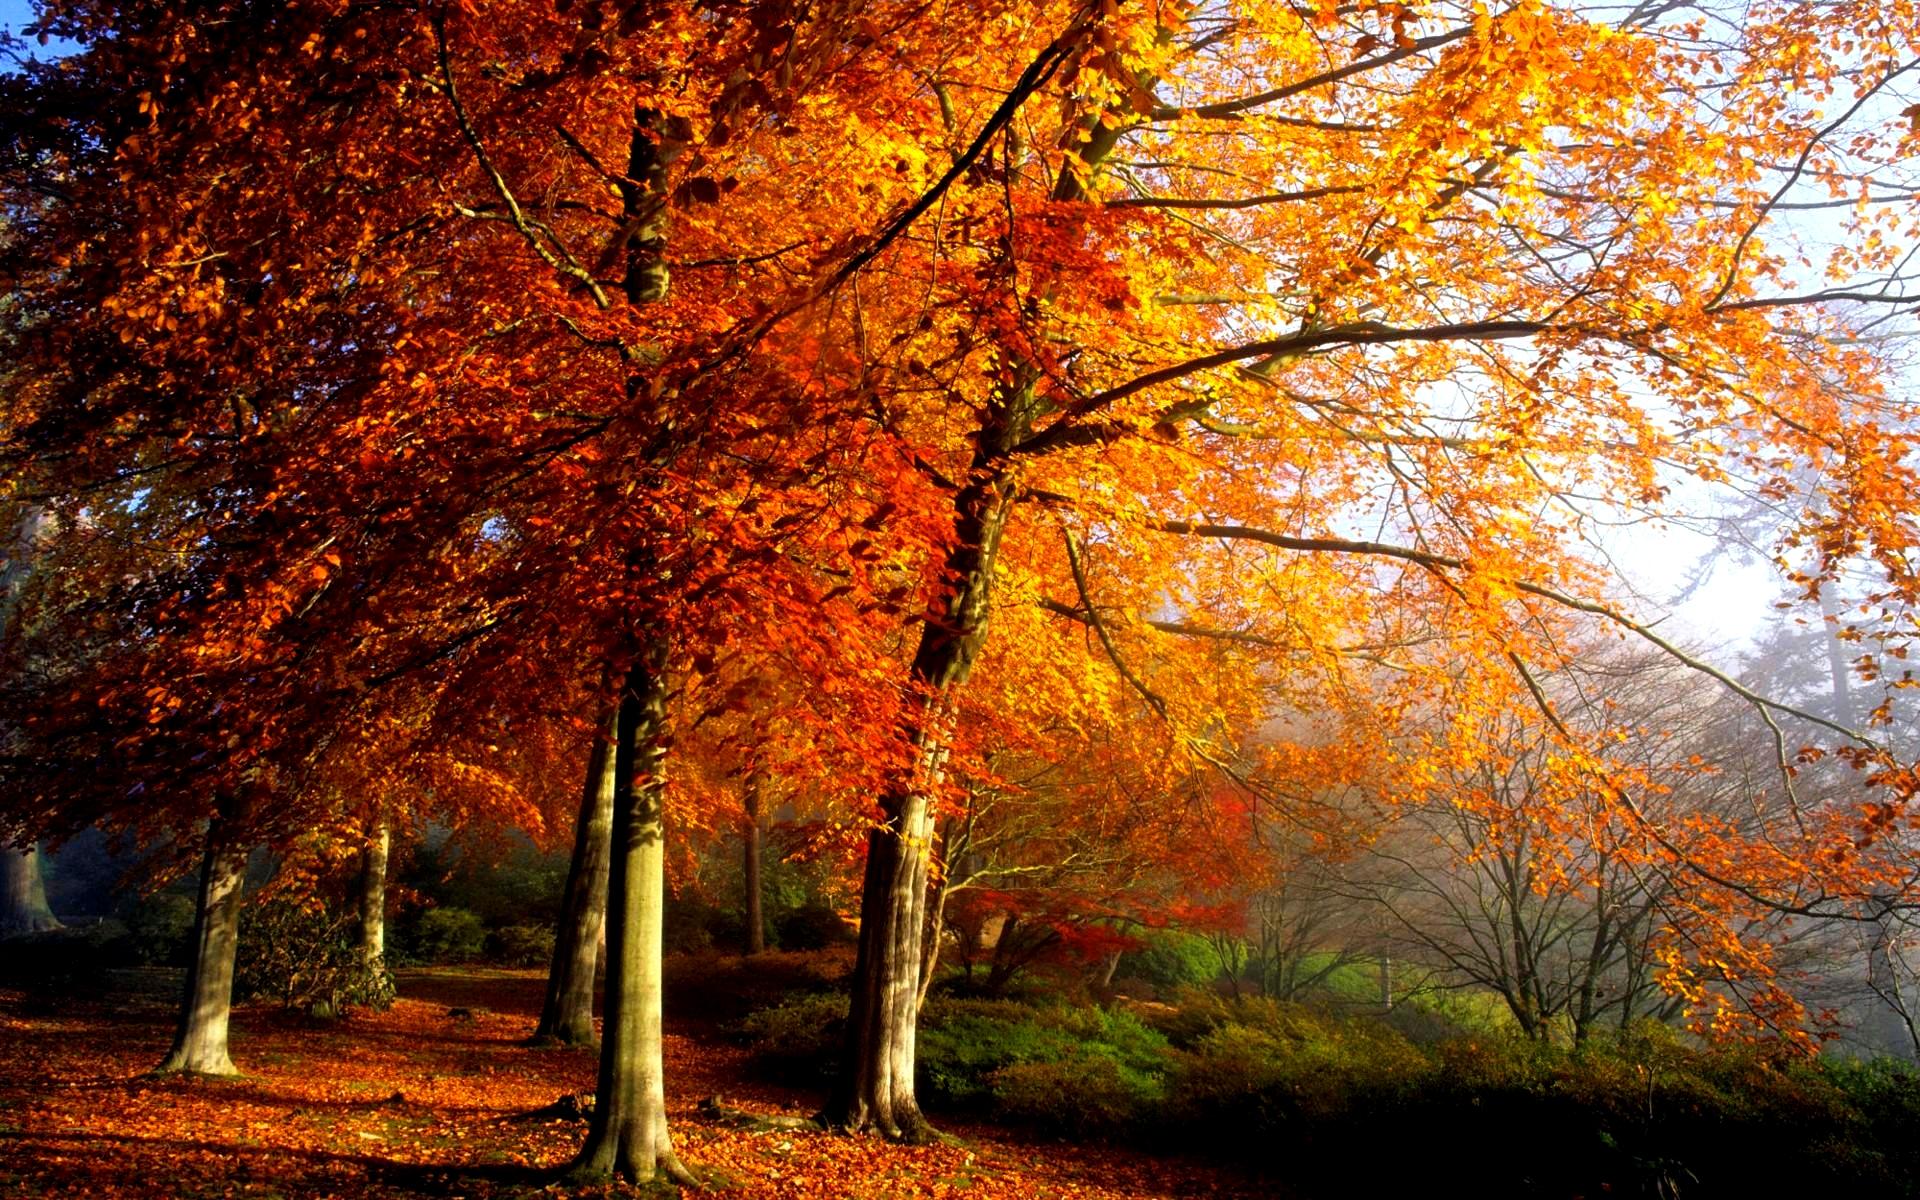 Fall Harvest Wallpaper Backgrounds Autumn Autumn Photo 35926503 Fanpop